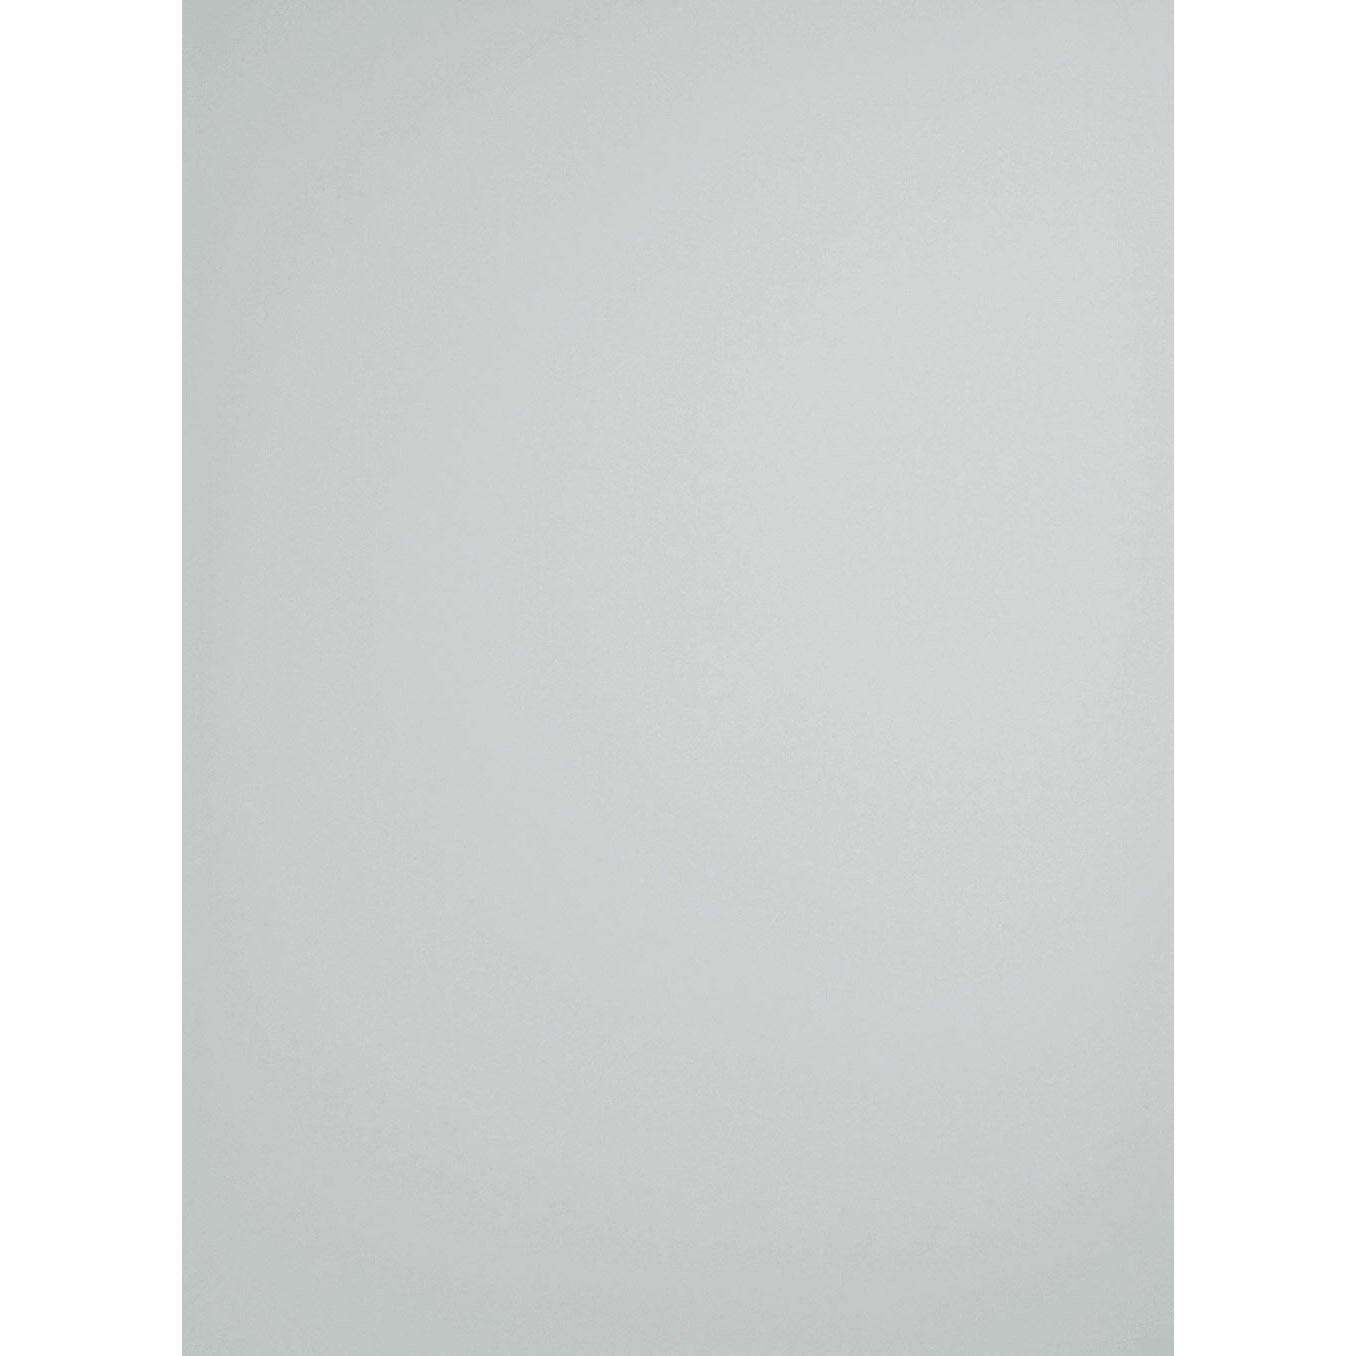 Verre clair blanc laiteux x cm 4 mm leroy merlin - Verre synthetique leroy merlin ...